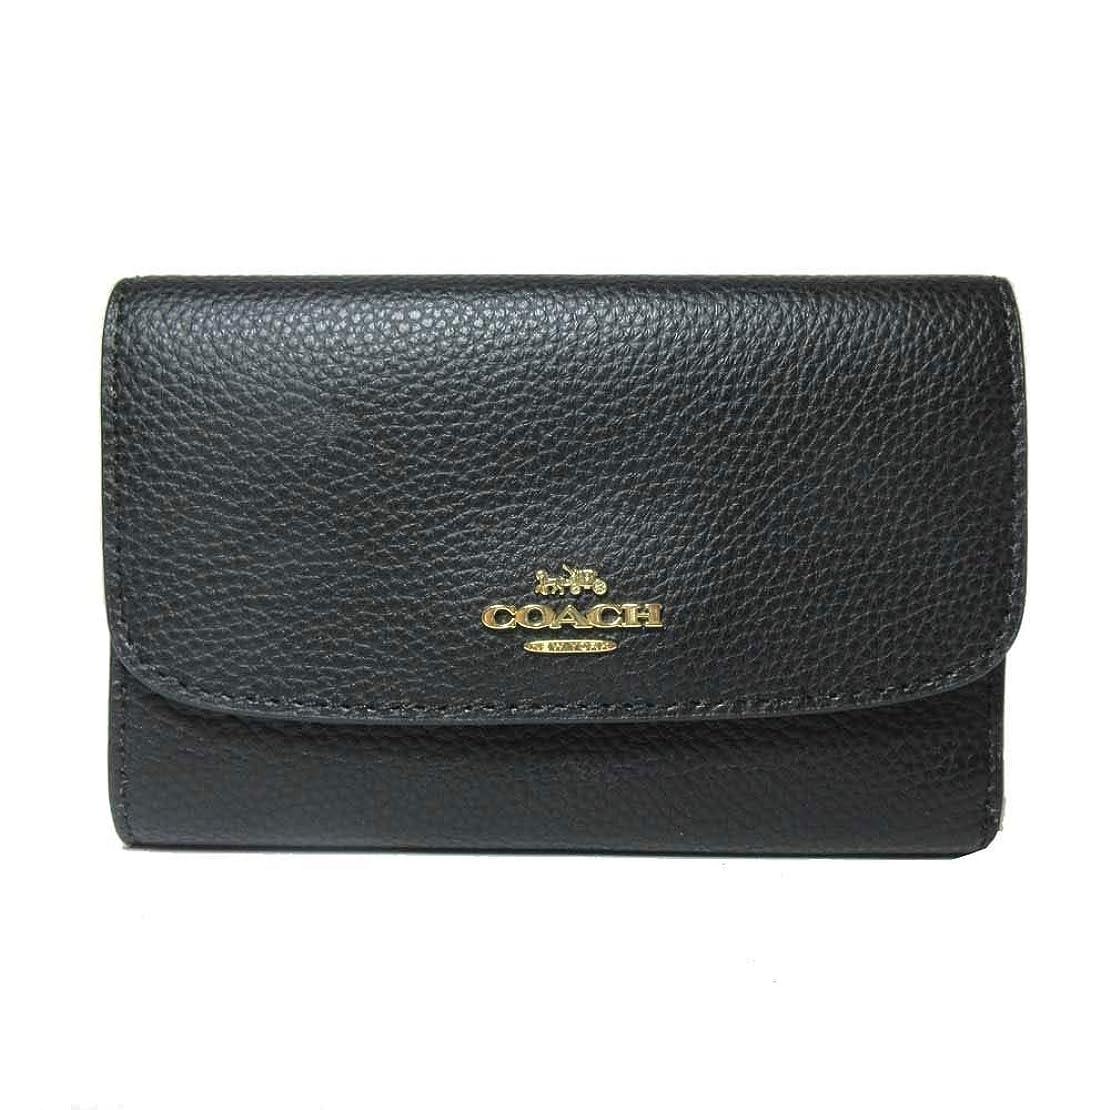 タイヤ誓うふくろう[コーチ] COACH 財布 (三つ折り財布) F30204 ブラック レザー 三つ折り財布 レディース [アウトレット品] [ブランド] IMBLK [並行輸入品]